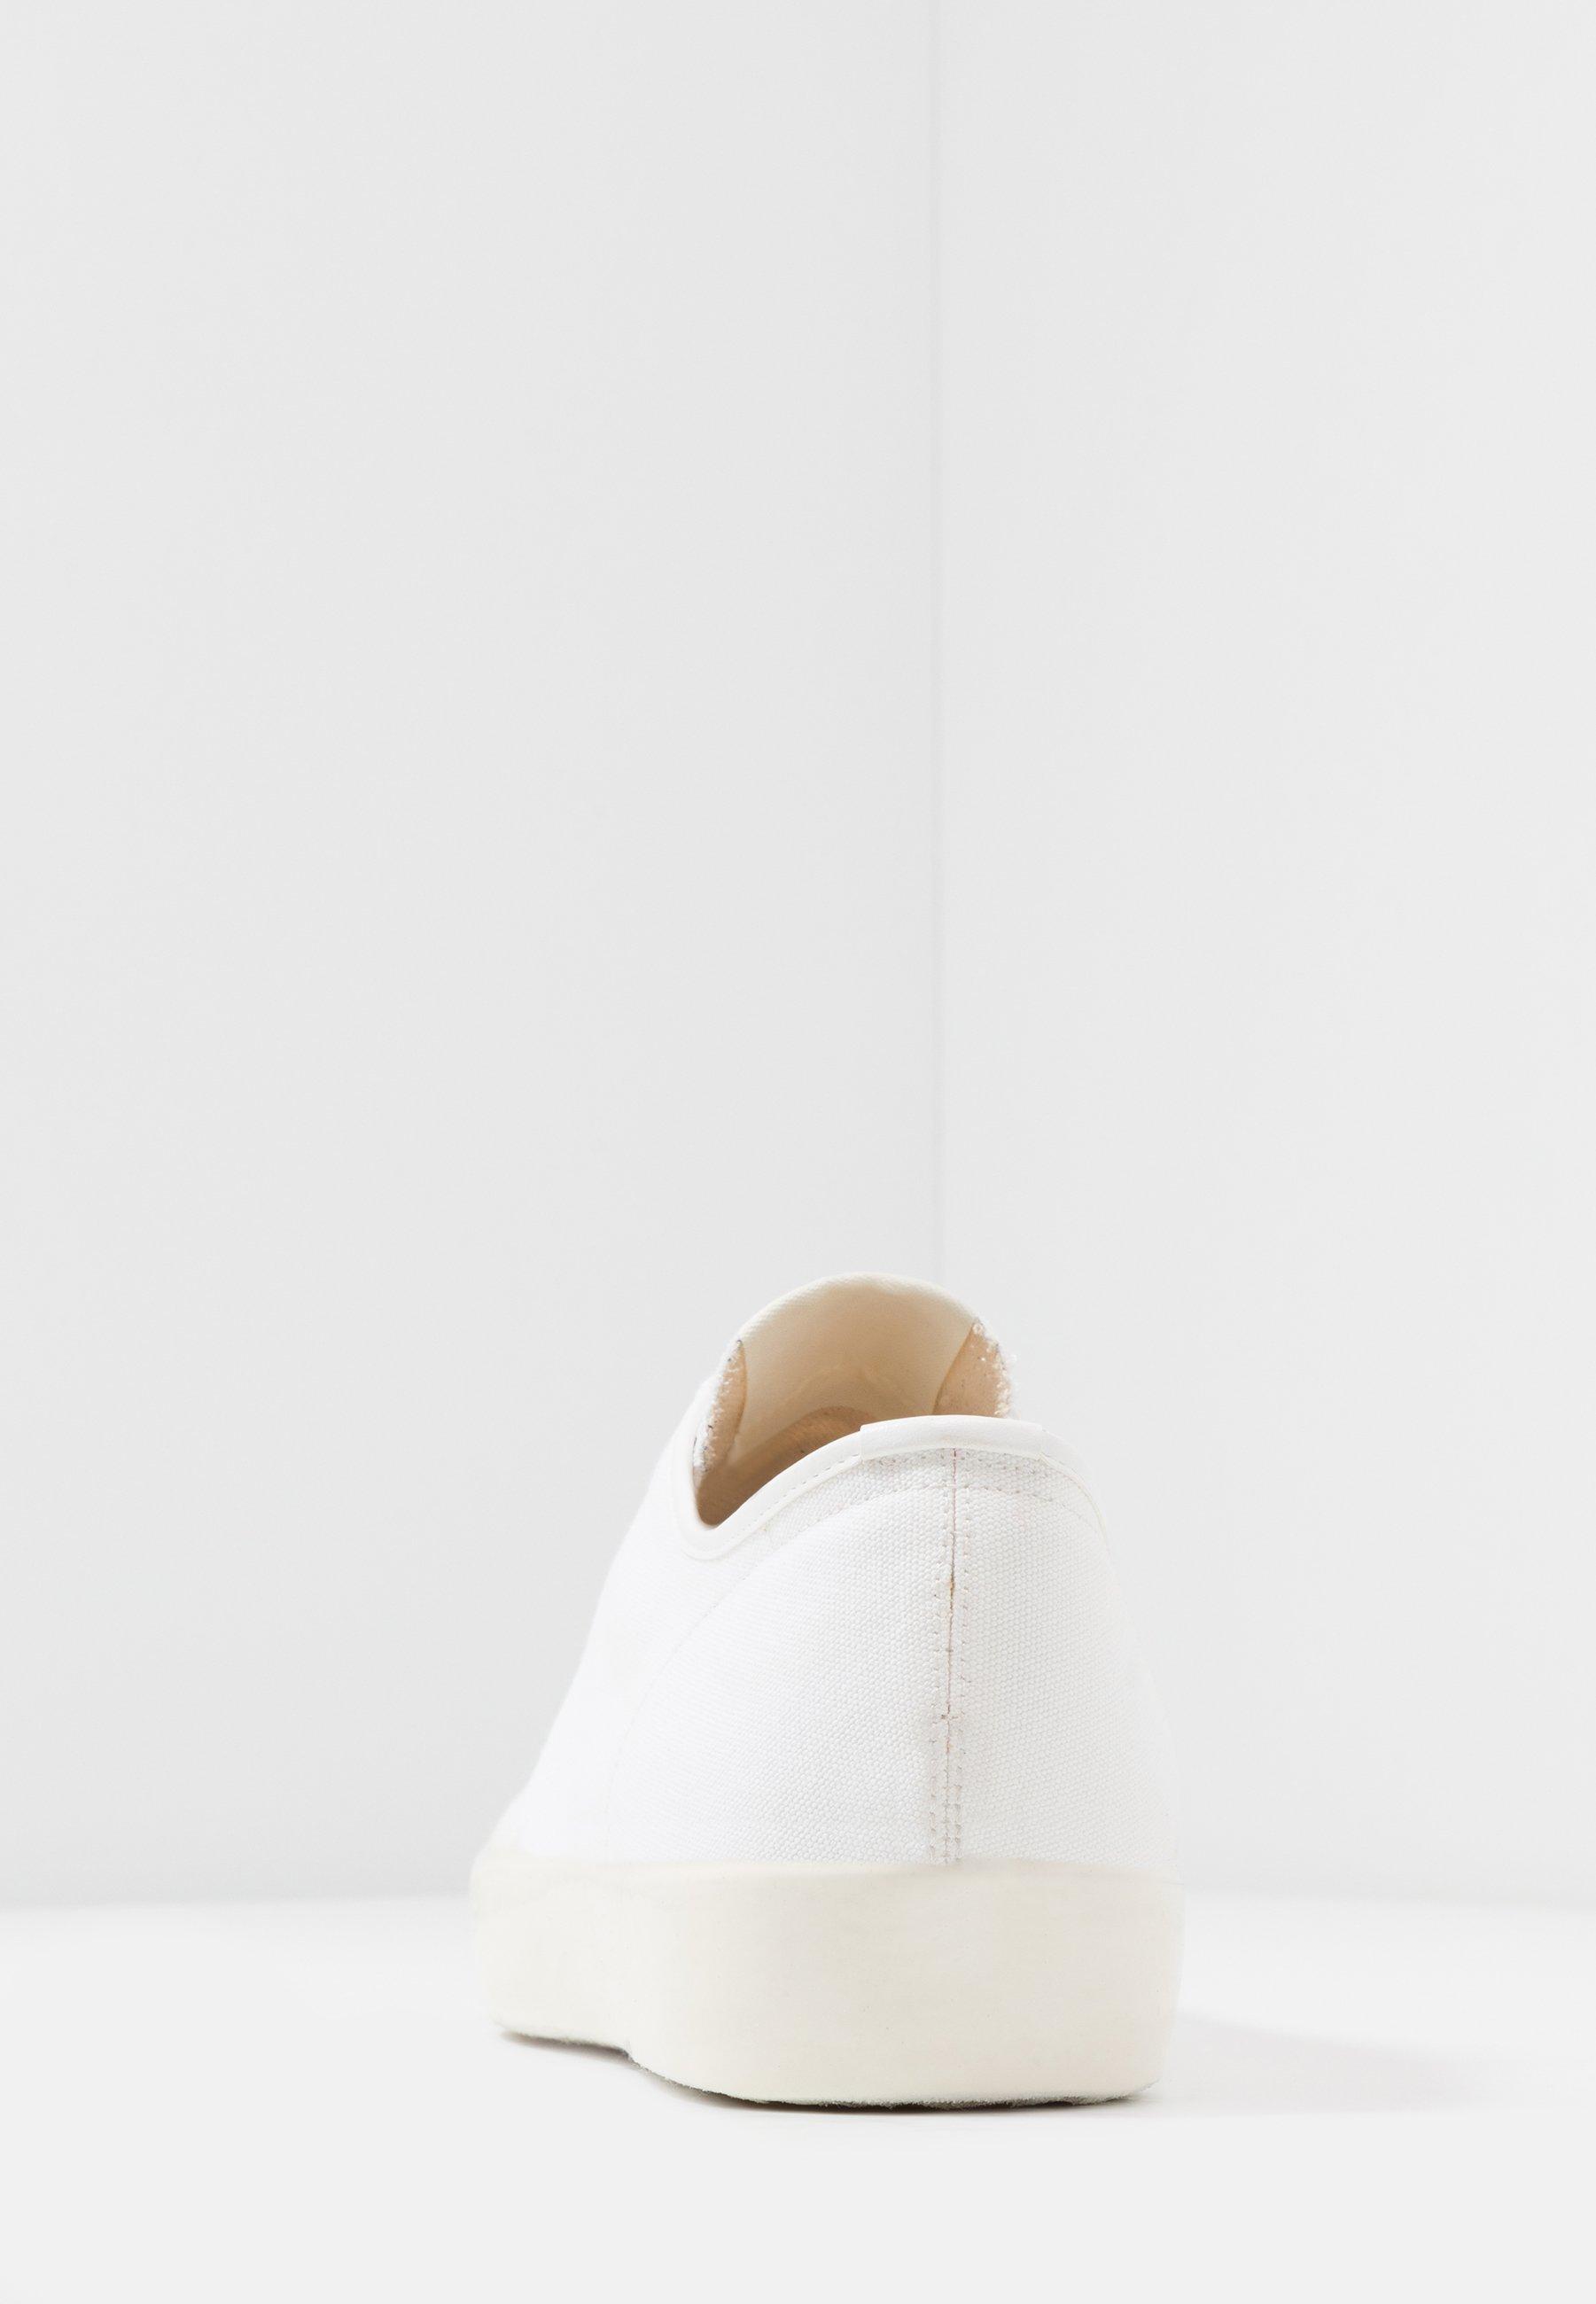 Marni Baskets Basses - White